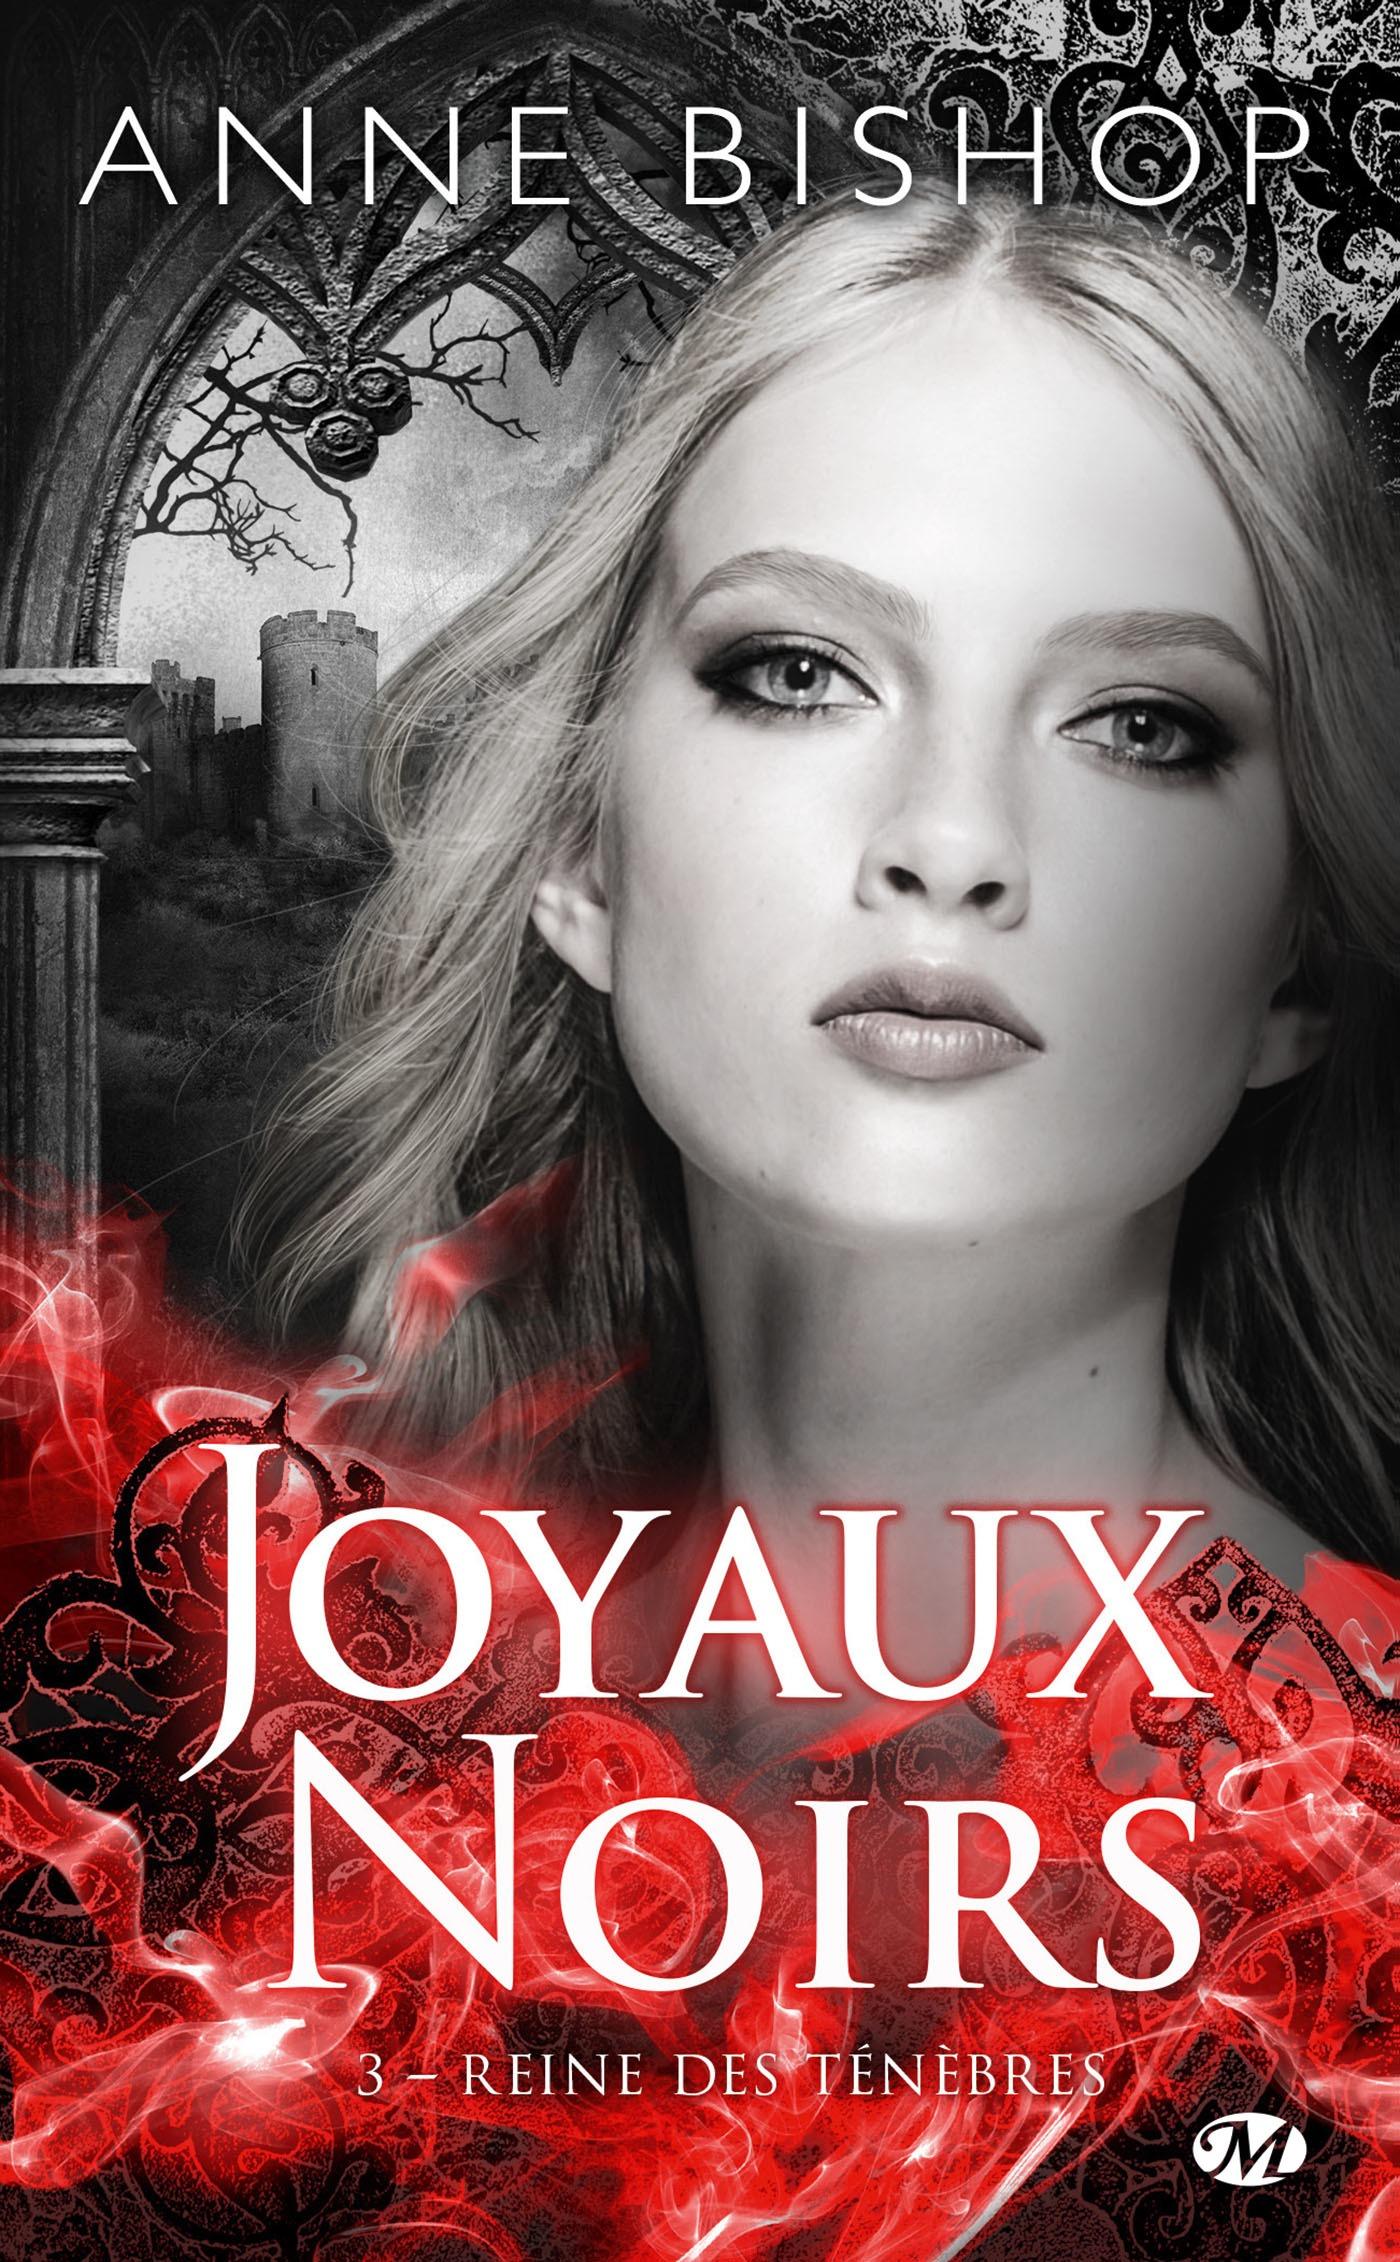 Reine des ténèbres, LES JOYAUX NOIRS, T3